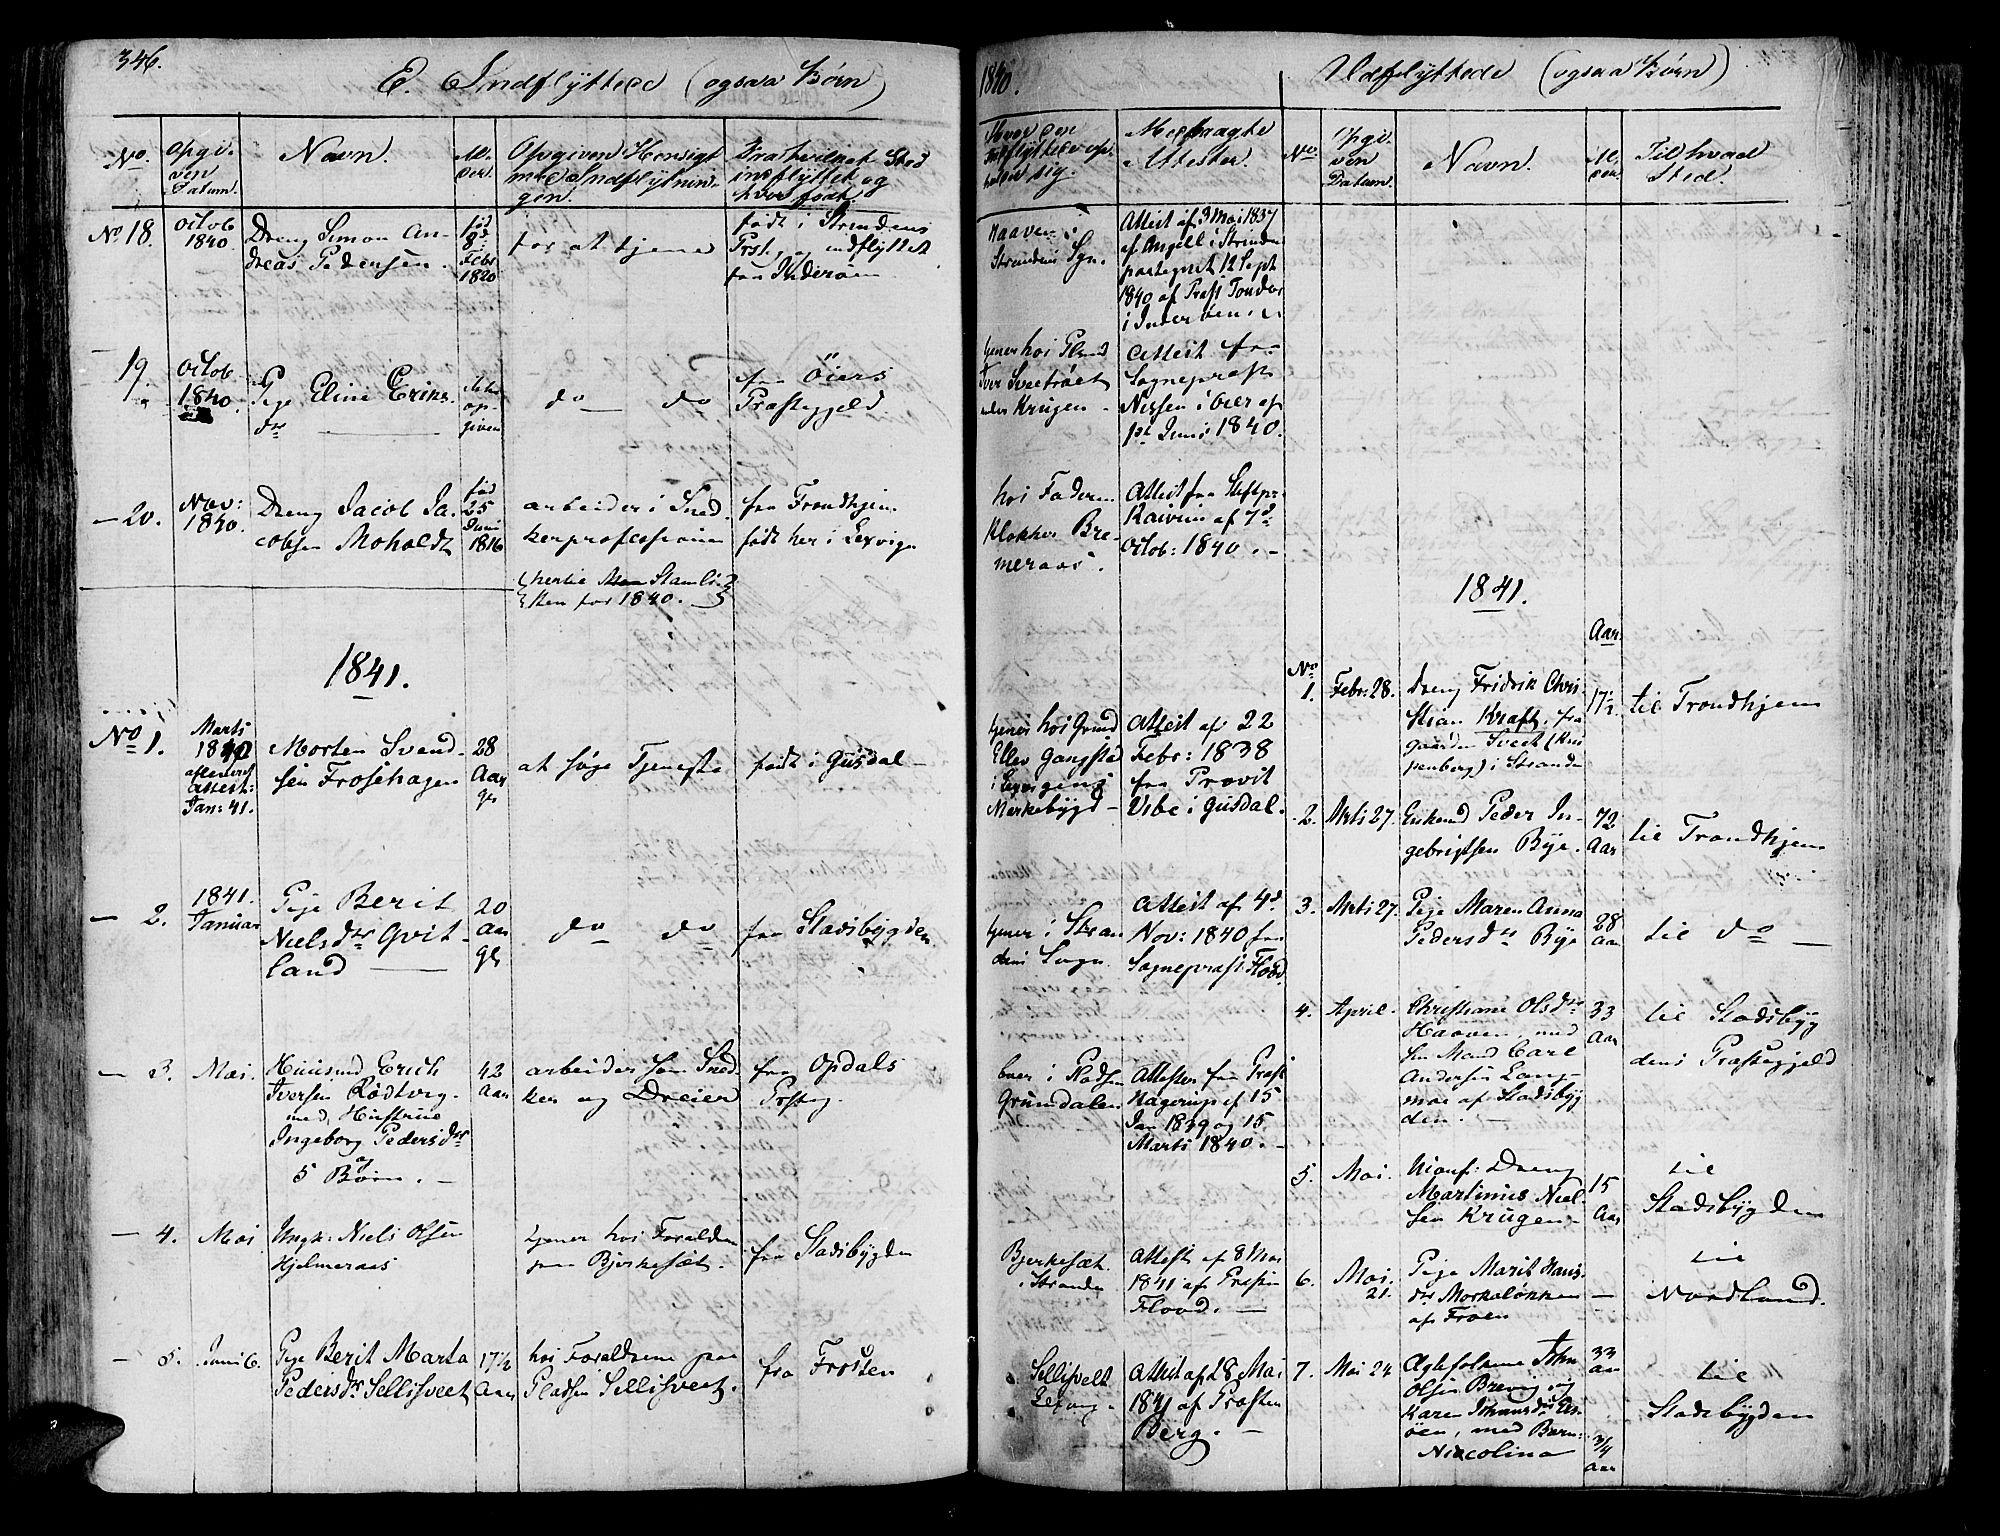 SAT, Ministerialprotokoller, klokkerbøker og fødselsregistre - Nord-Trøndelag, 701/L0006: Ministerialbok nr. 701A06, 1825-1841, s. 346